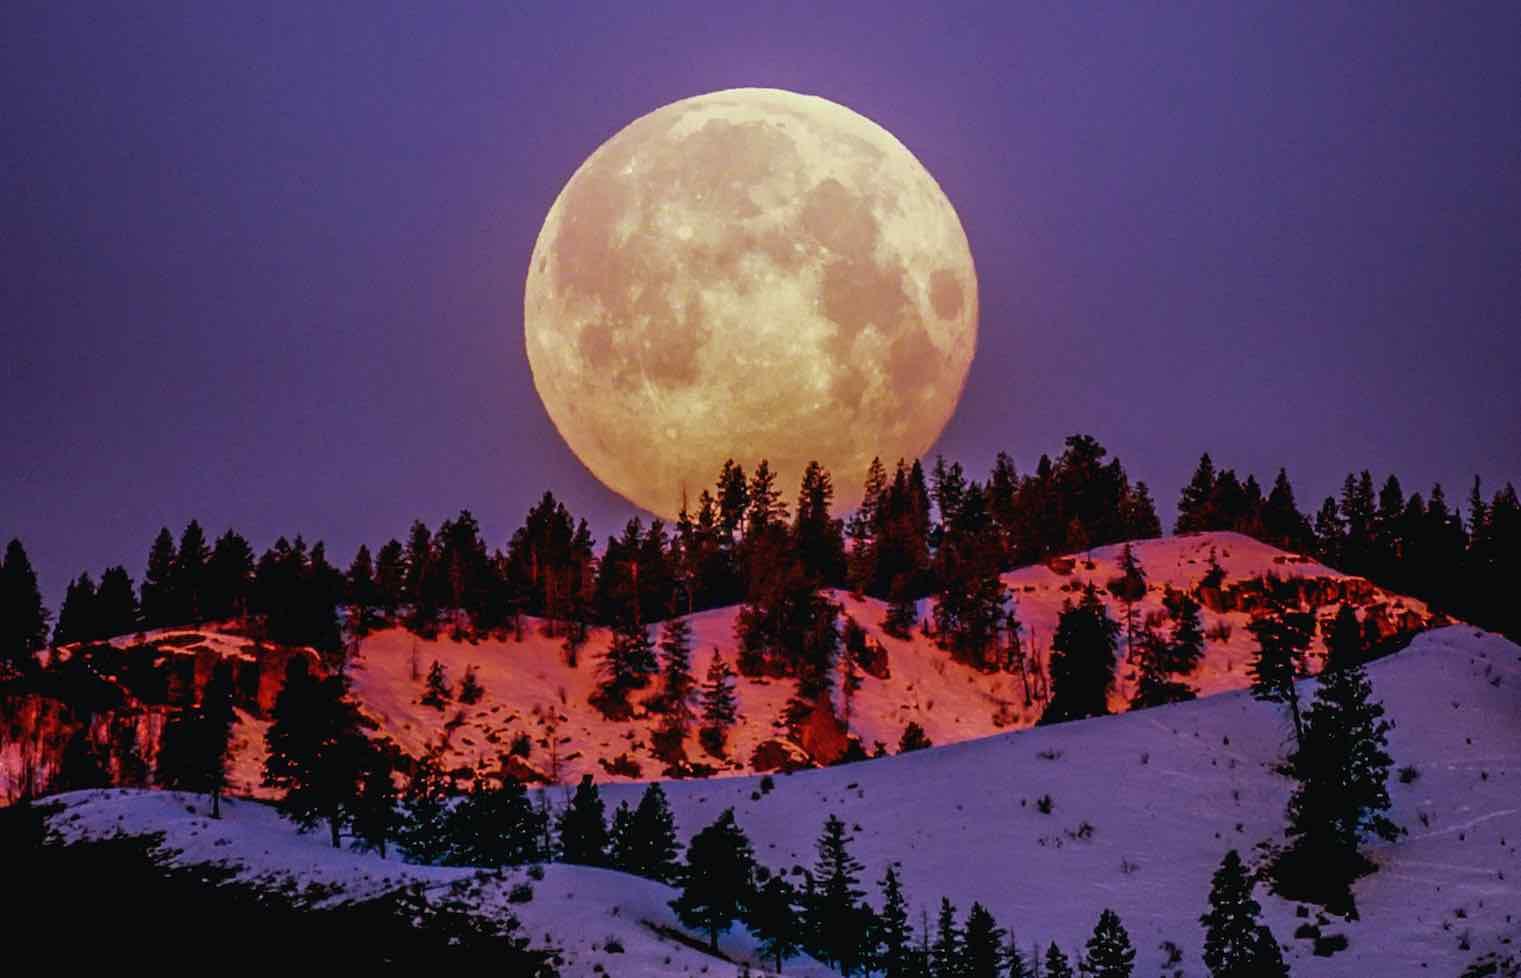 luna cazadora